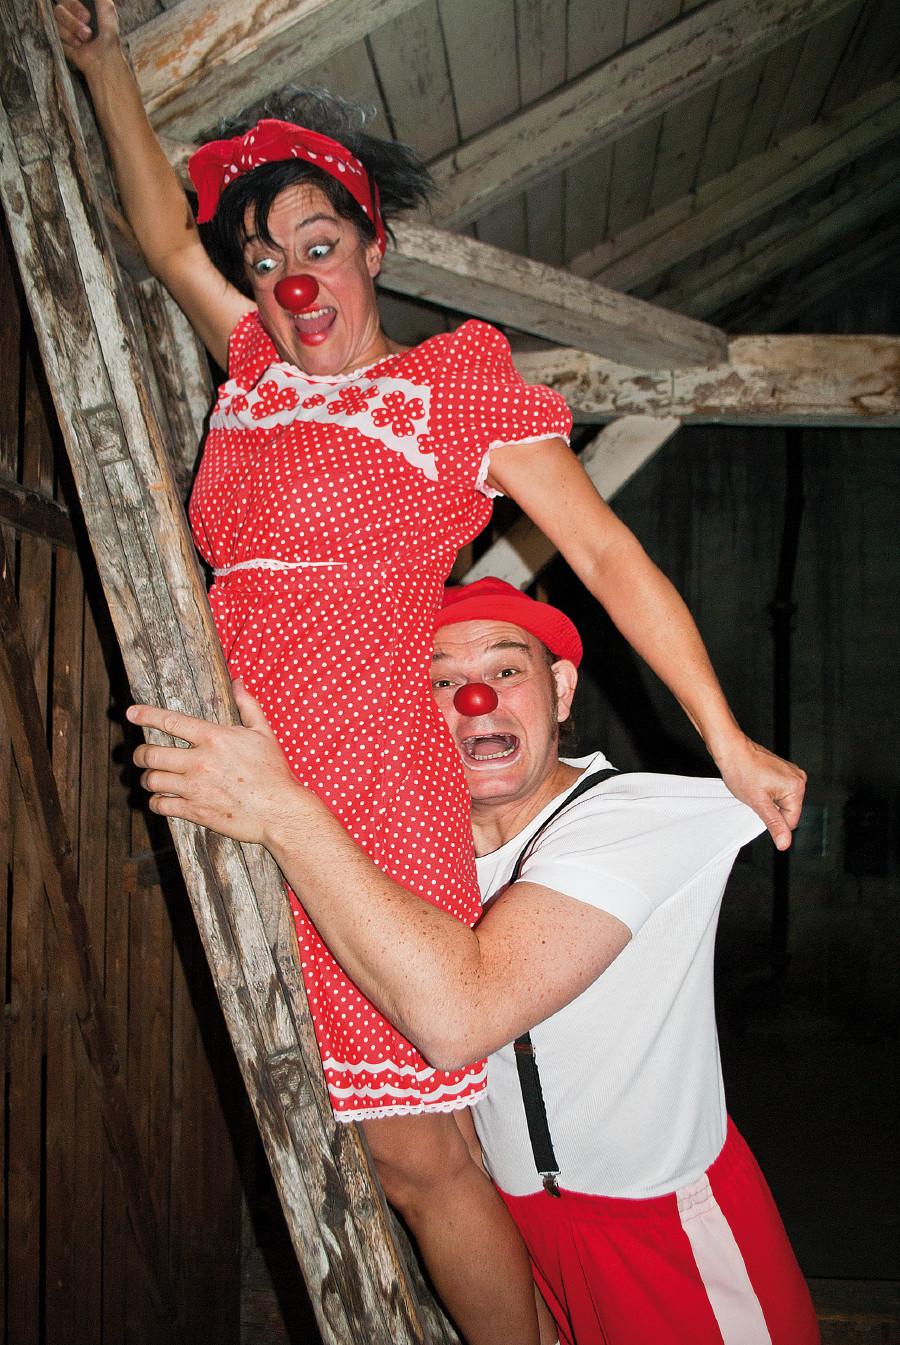 Herbert und Mimi auf dem Dachboden © Heinz Hanuschka